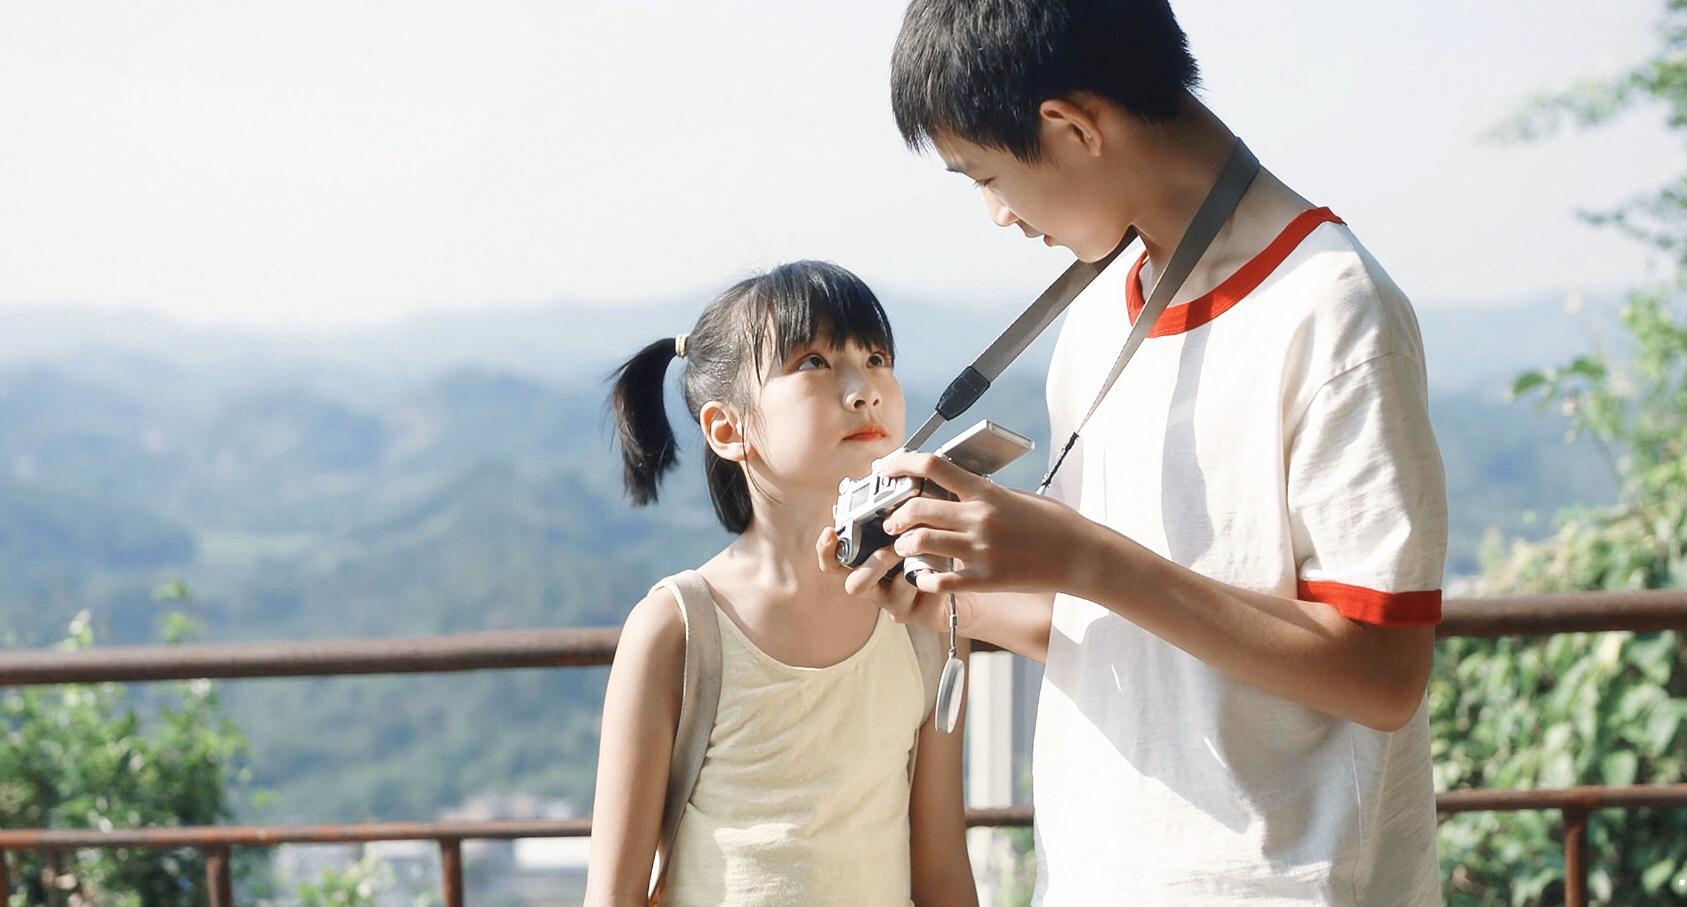 """年仅10岁的她,成为今夏最耀眼的""""戏精"""",王圣迪时尚大片出炉"""